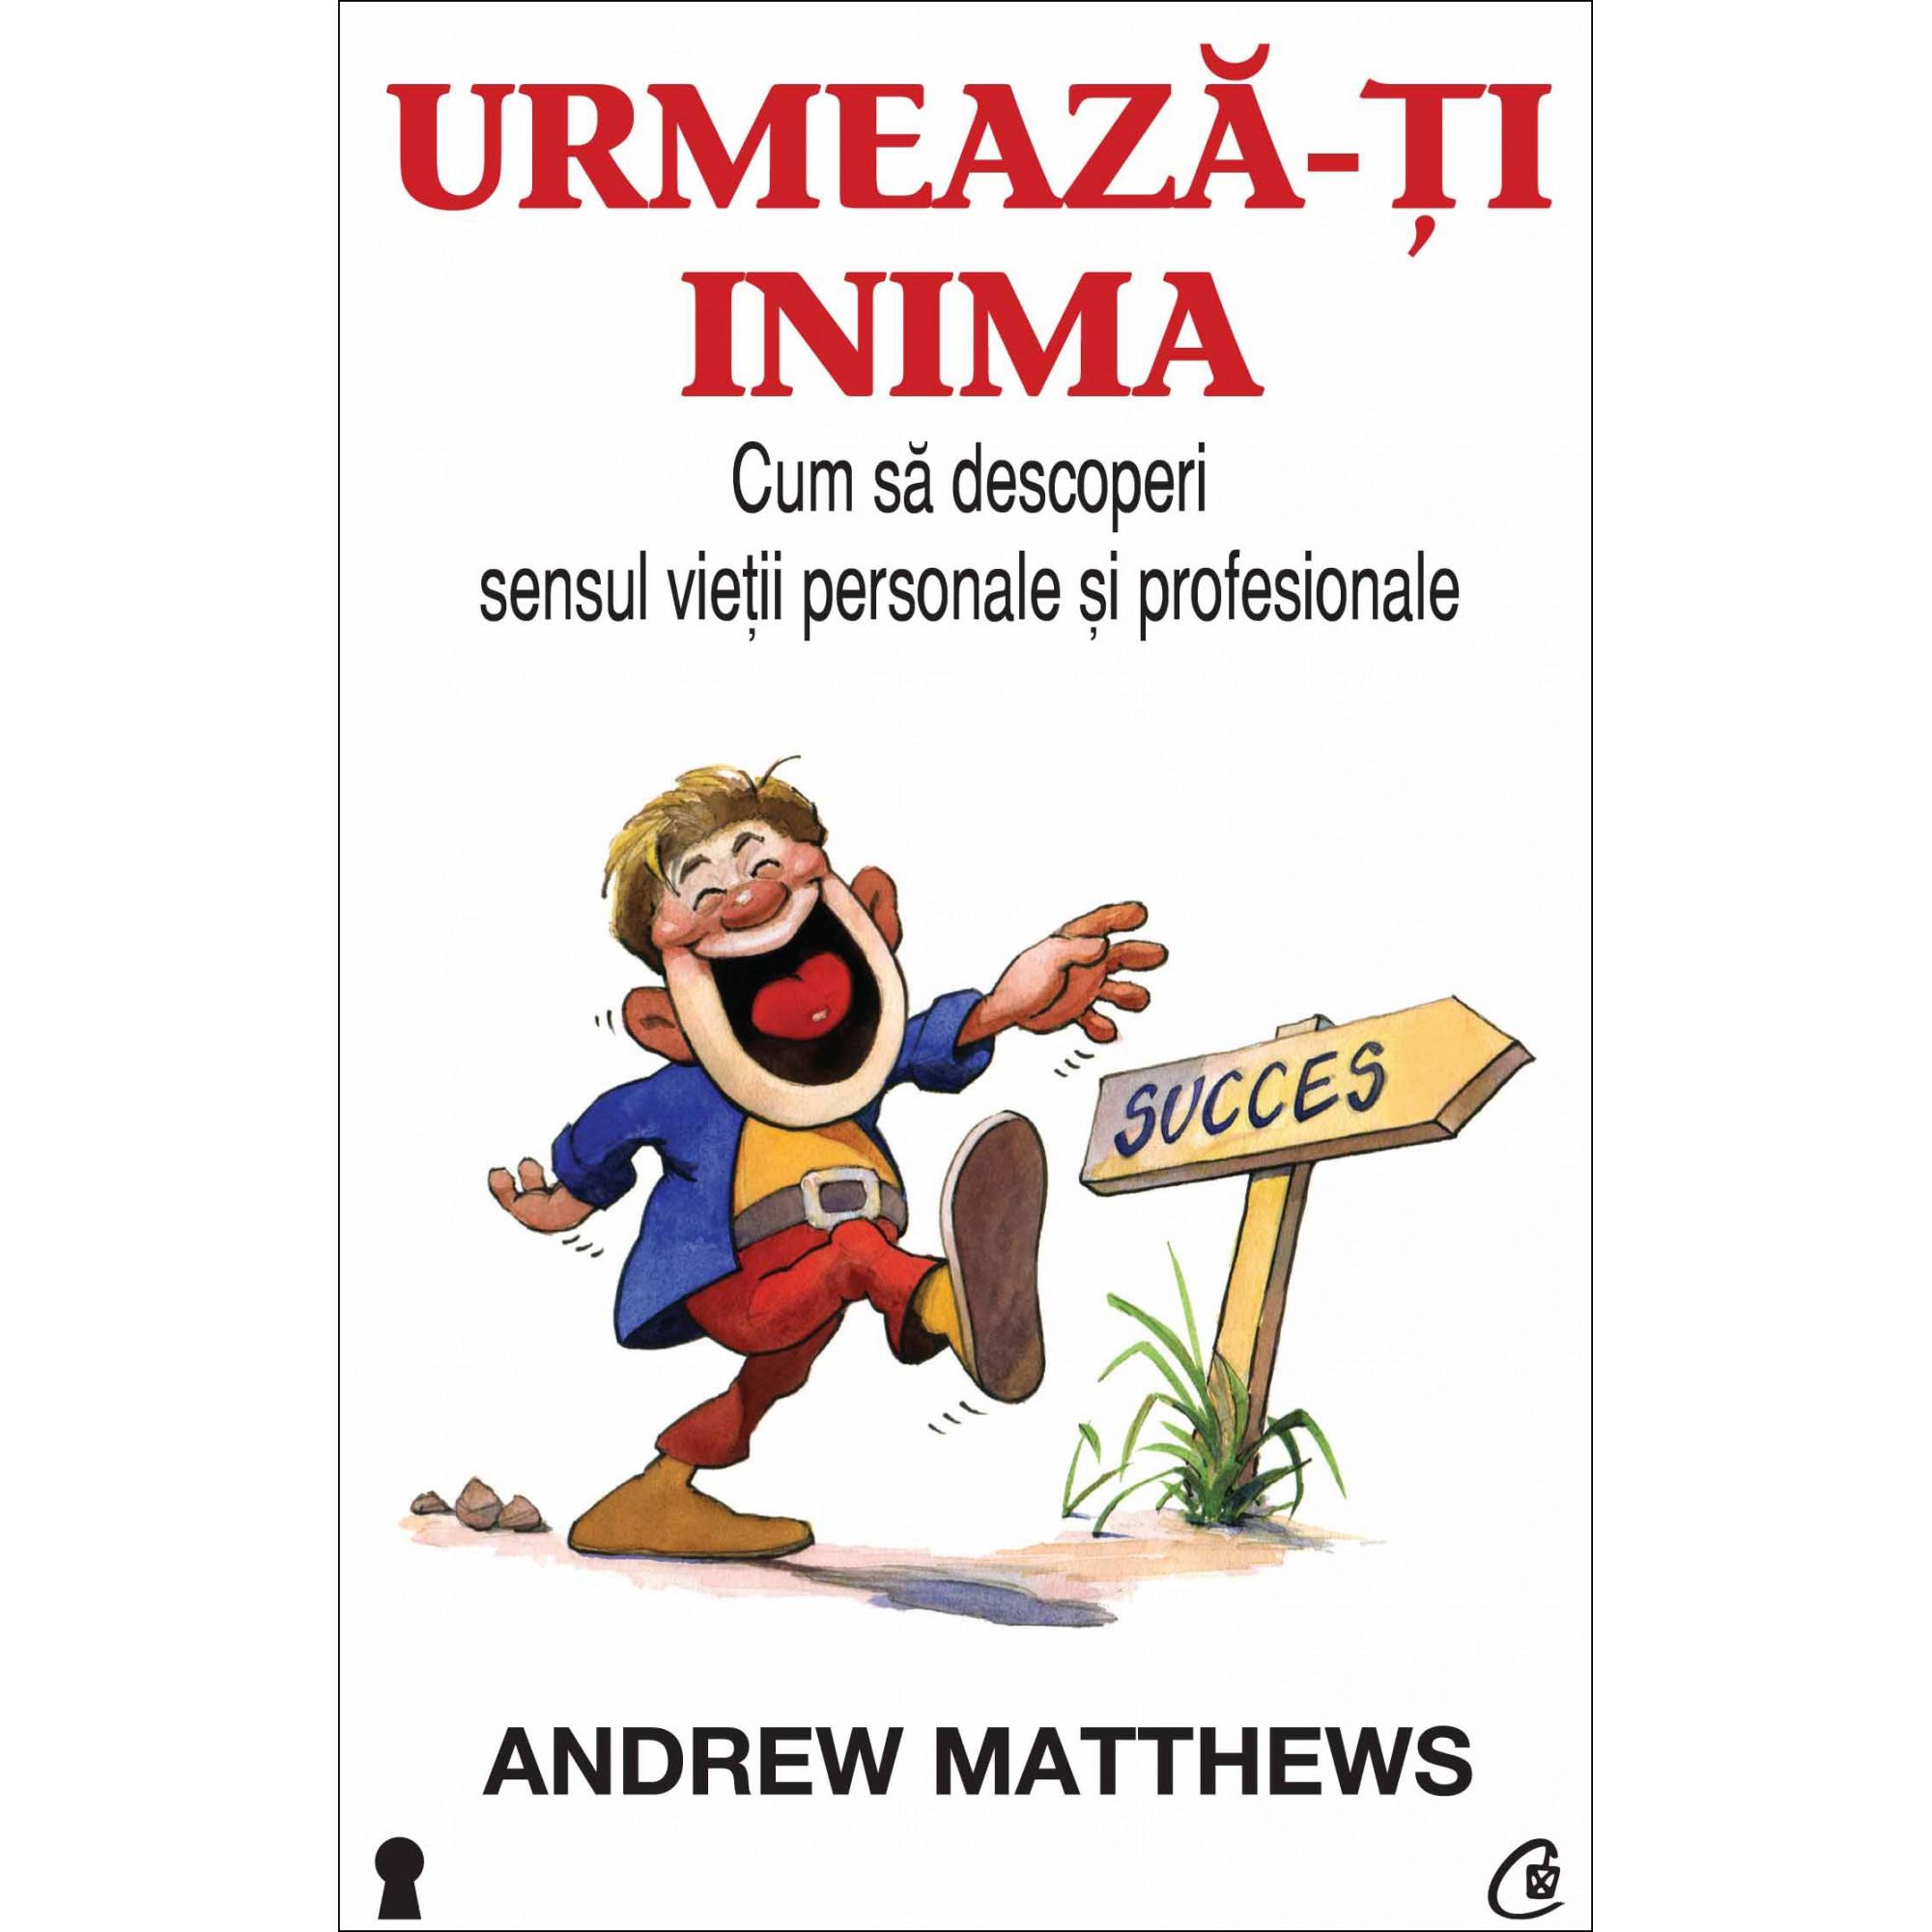 Urmează-ţi inima. Cum să descoperi sensul vieţii personale şi profesionale; Andrew Matthews